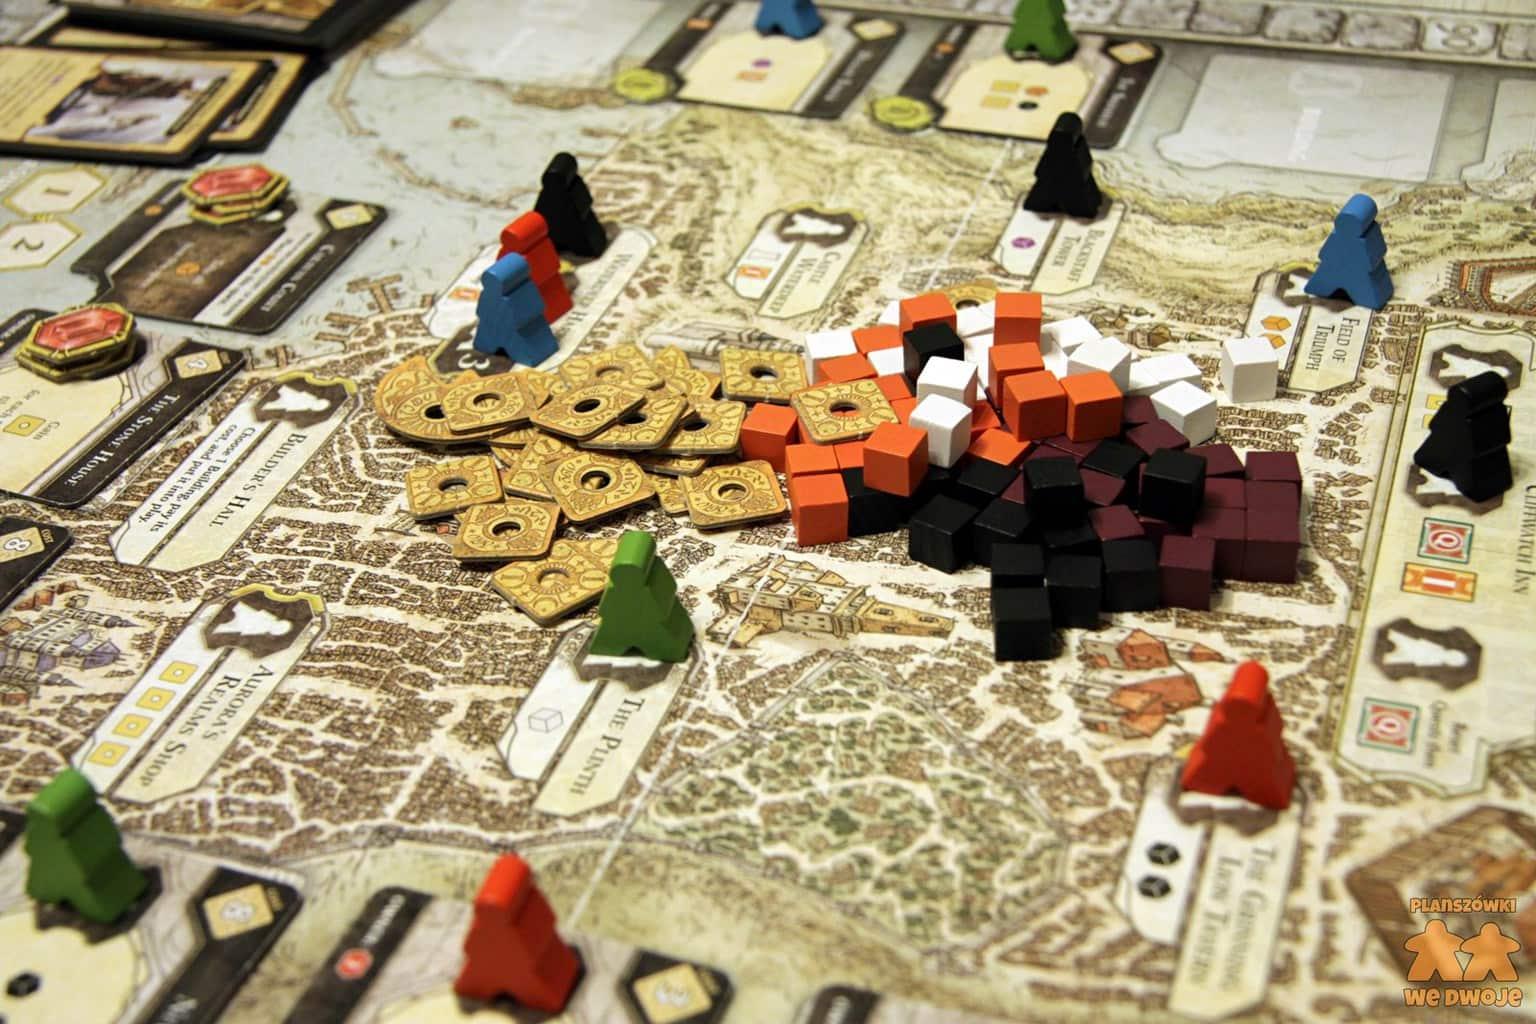 Plansza gry Lords of Waterdeep w trakcie rozgrywki z drewnianymi kostkami i żetonami na środku.